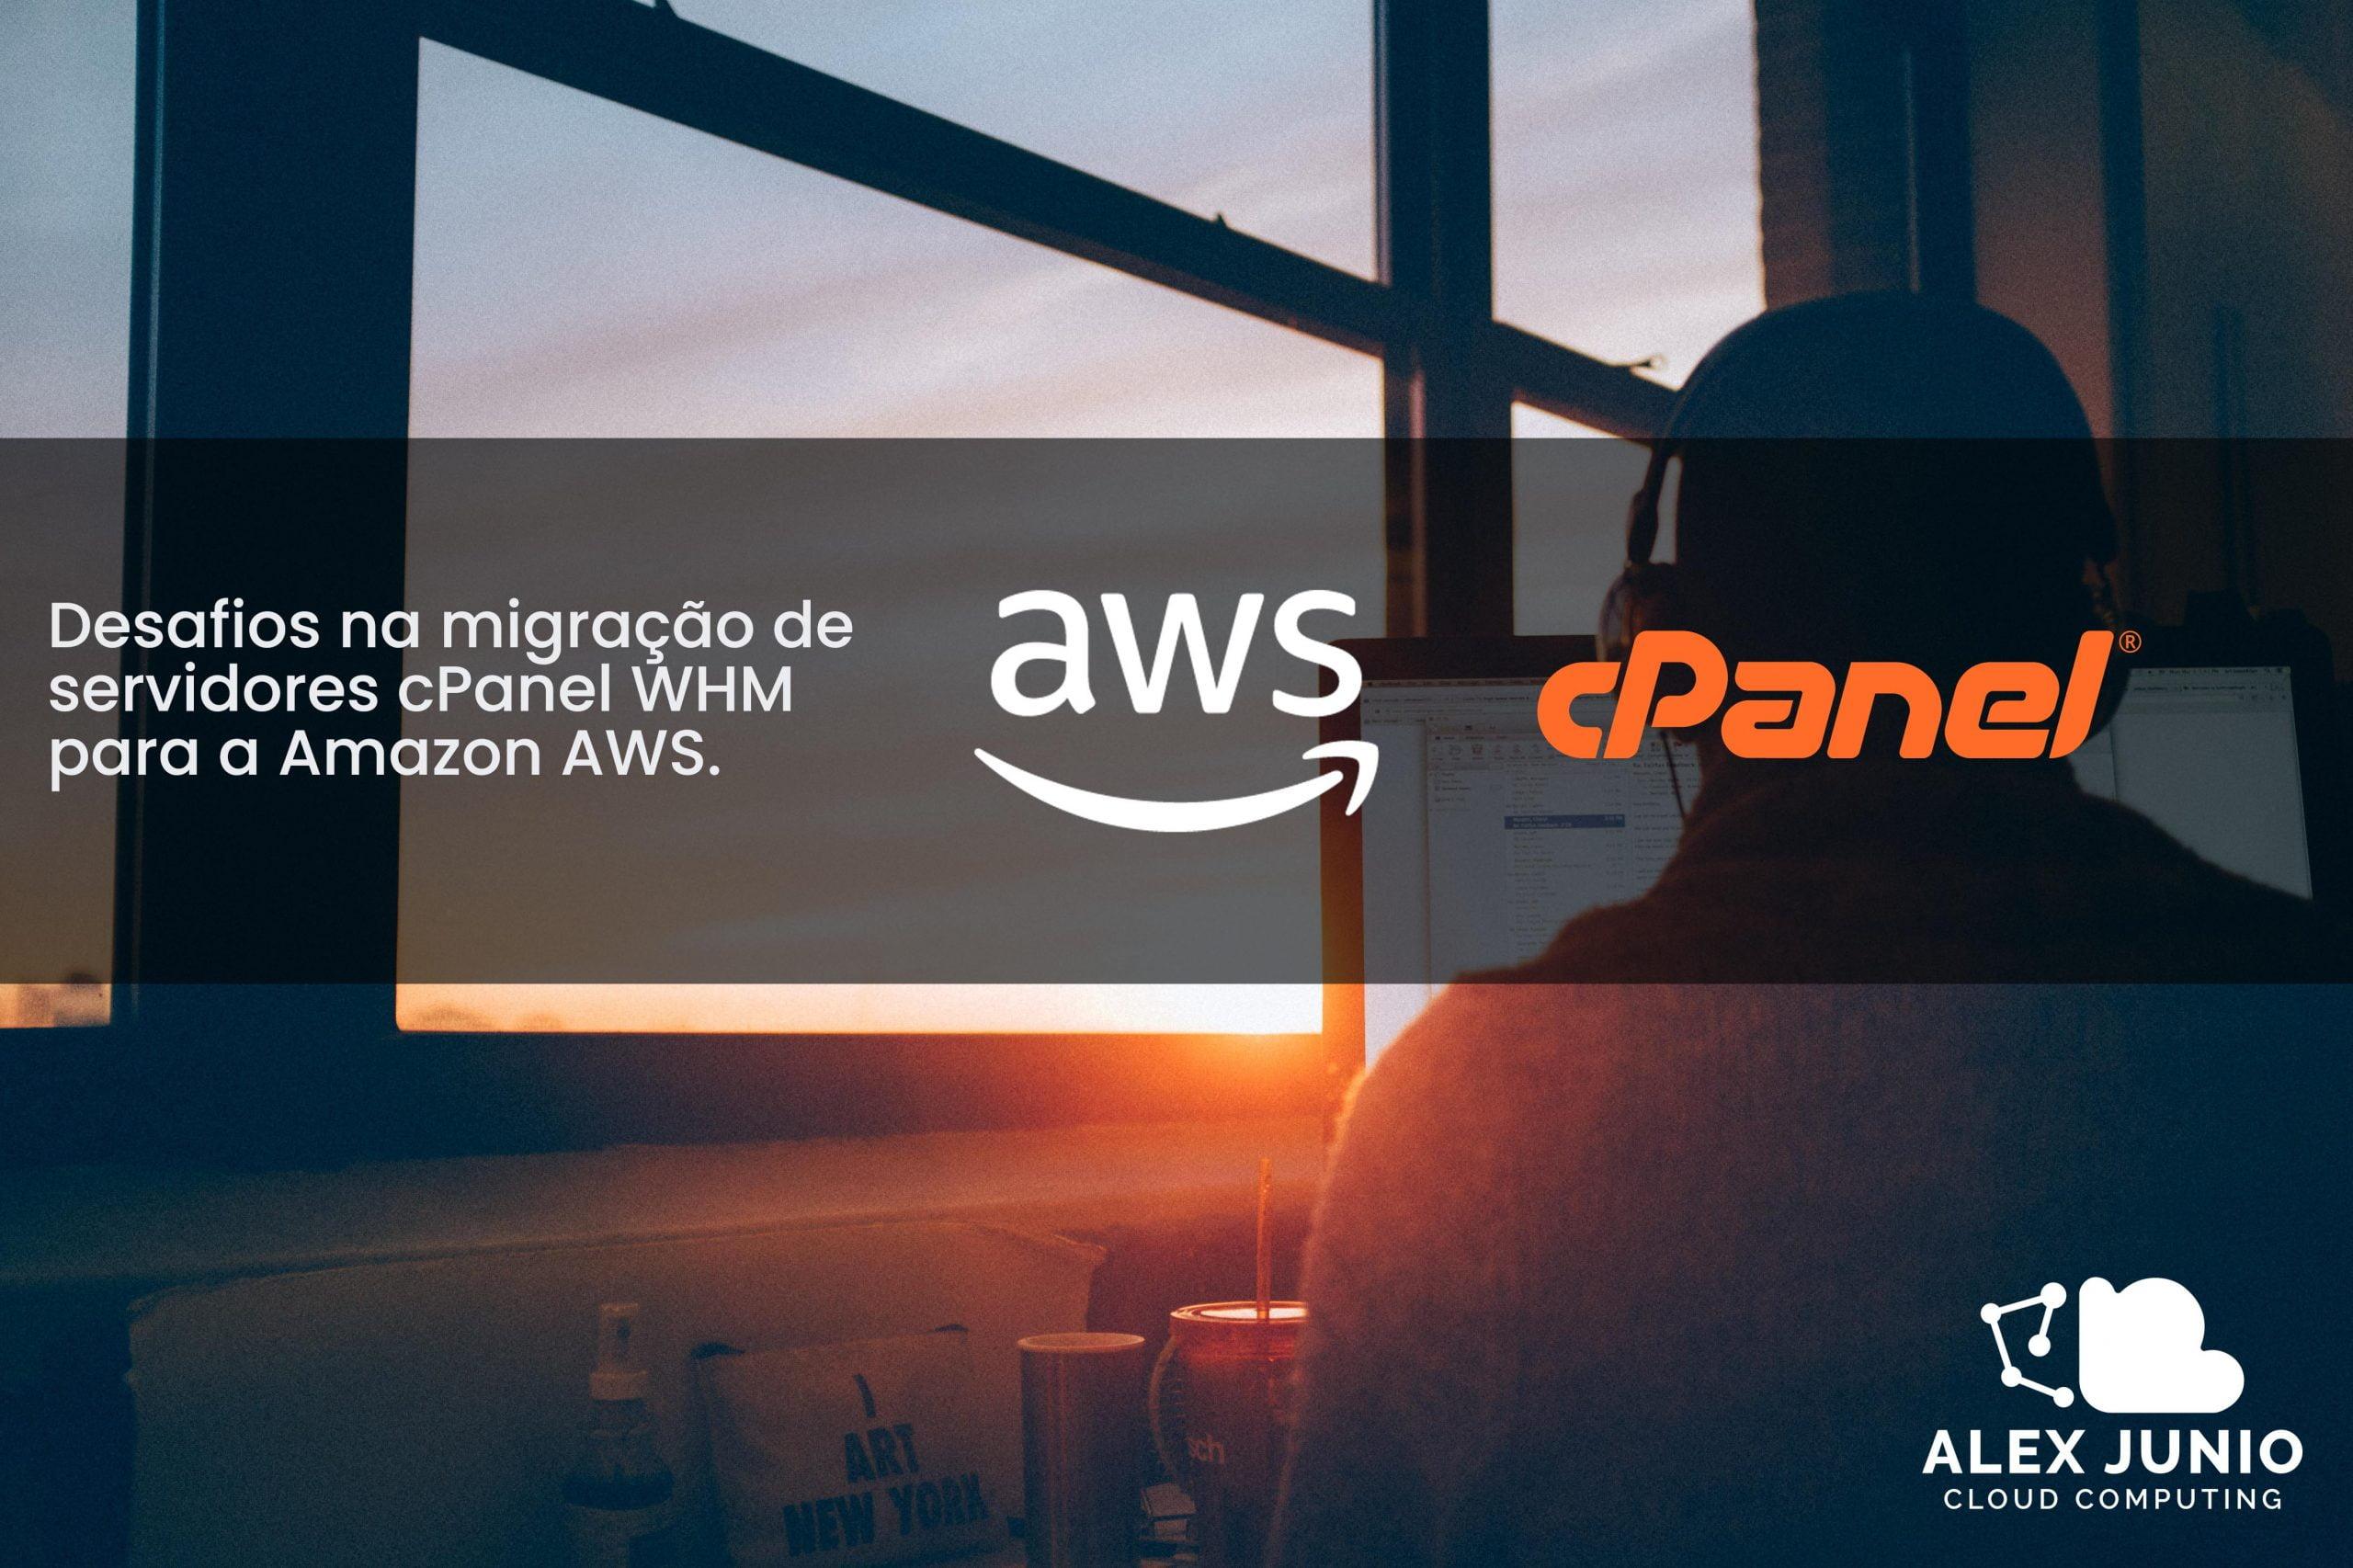 desafios-migracao-cpanel-whm-para-aws-amazon-scaled